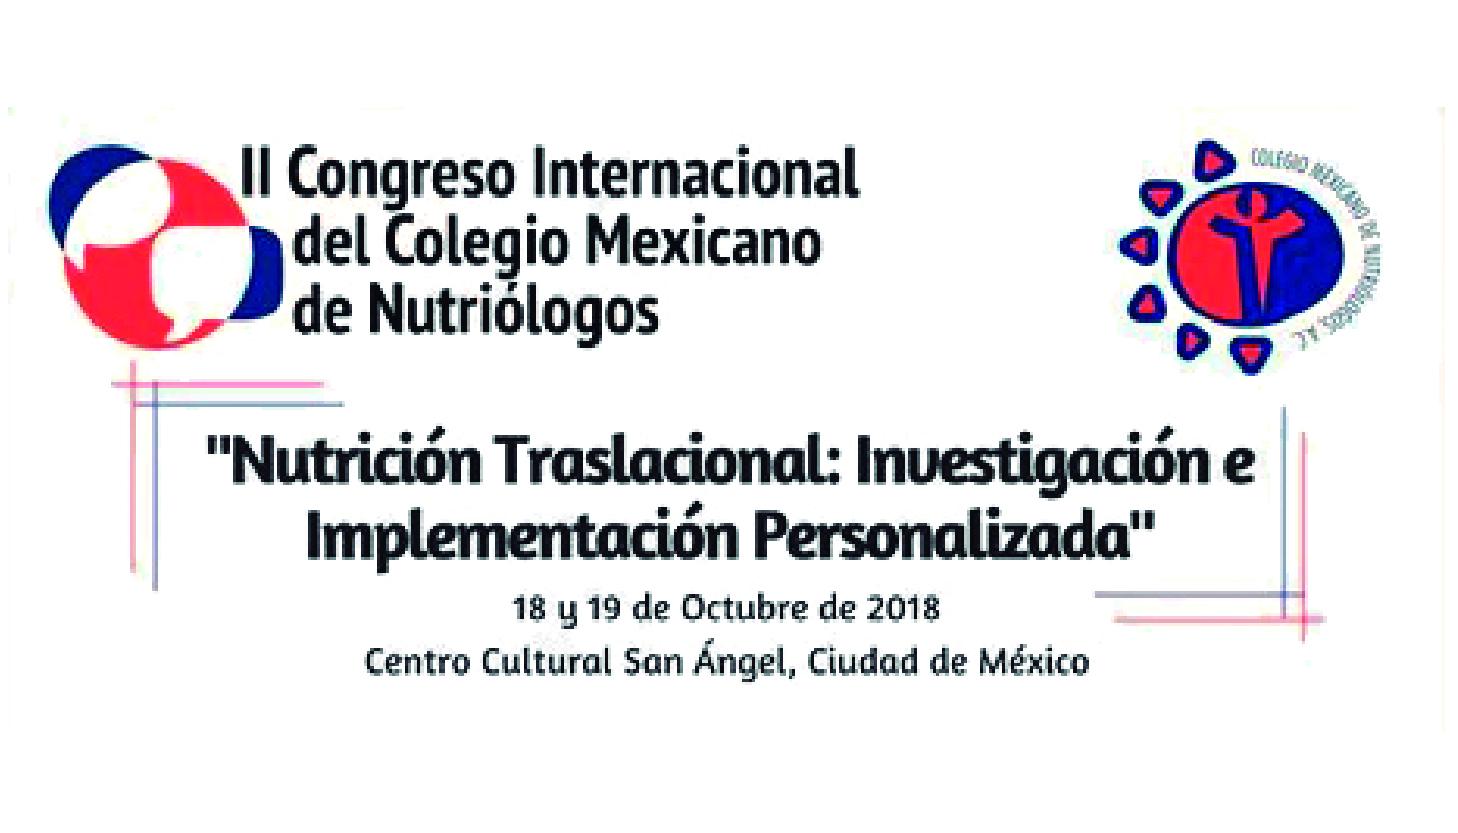 II Congreso Internacional del Colegio Mexicano de Nutriólogos